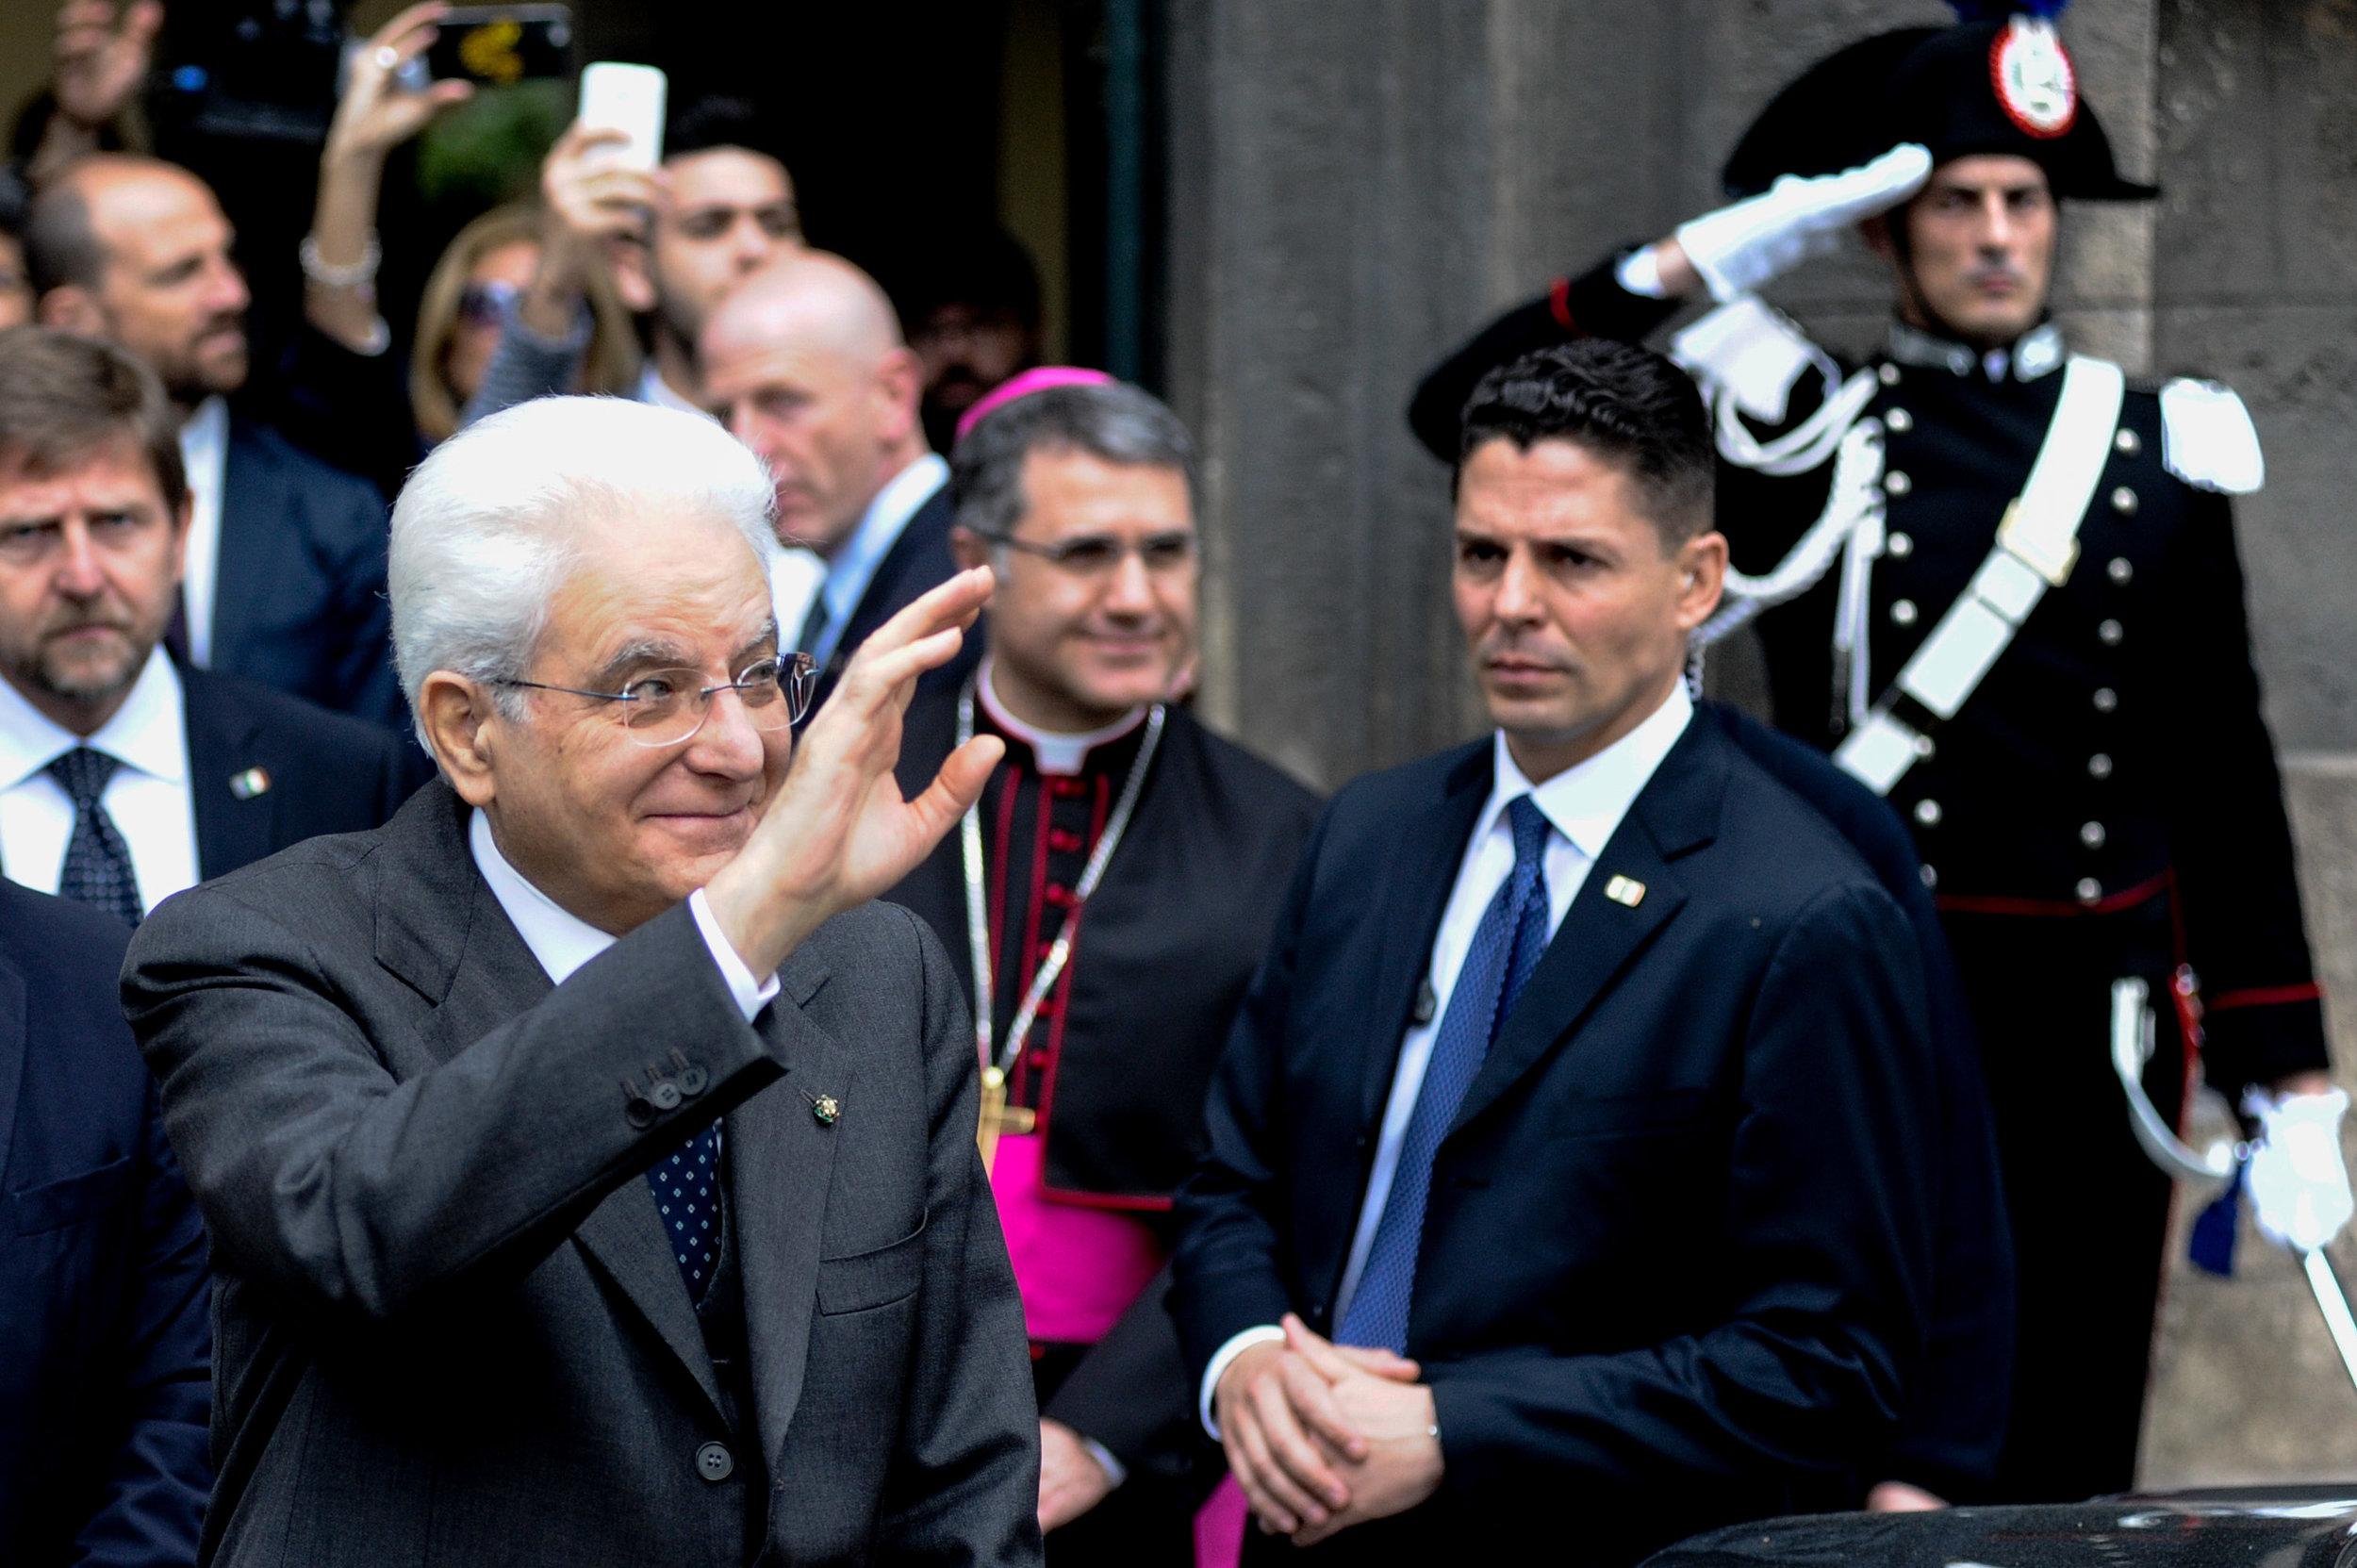 Italian President Sergio Mattarella waves after attending the presentation of the book 'Sul cammino della verità' by former Cardinal of Palermo Salvatore Pappalardo, in Palermo, Italy, April 23, 2016.